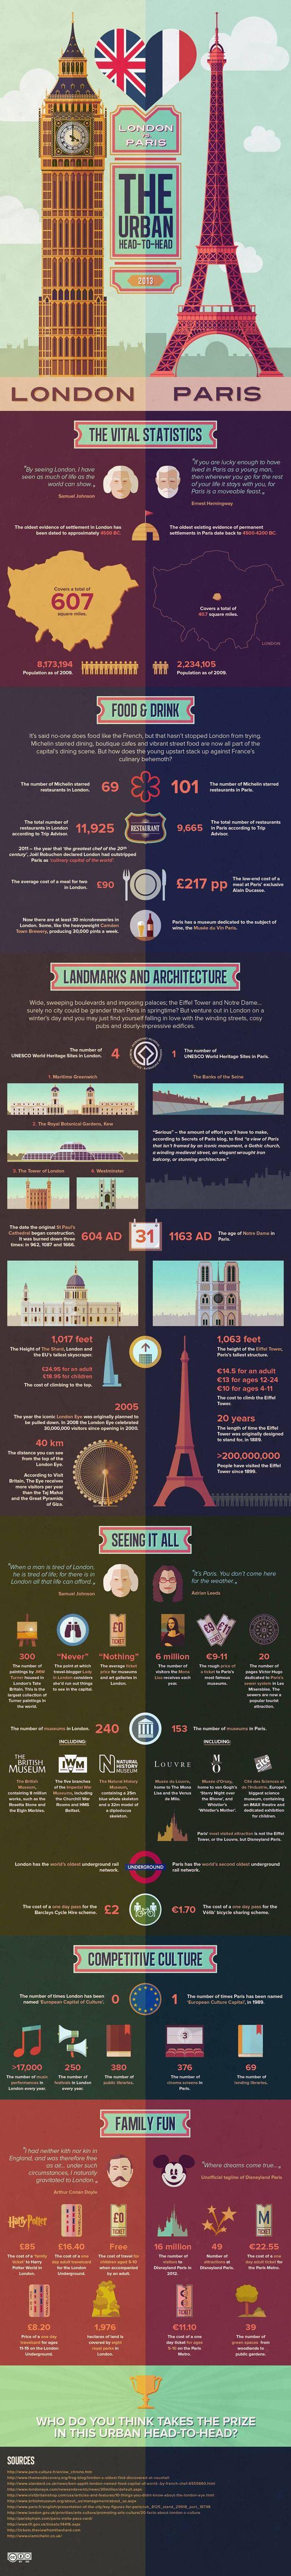 London Vs Paris Infographic - Design - ShortList Magazine